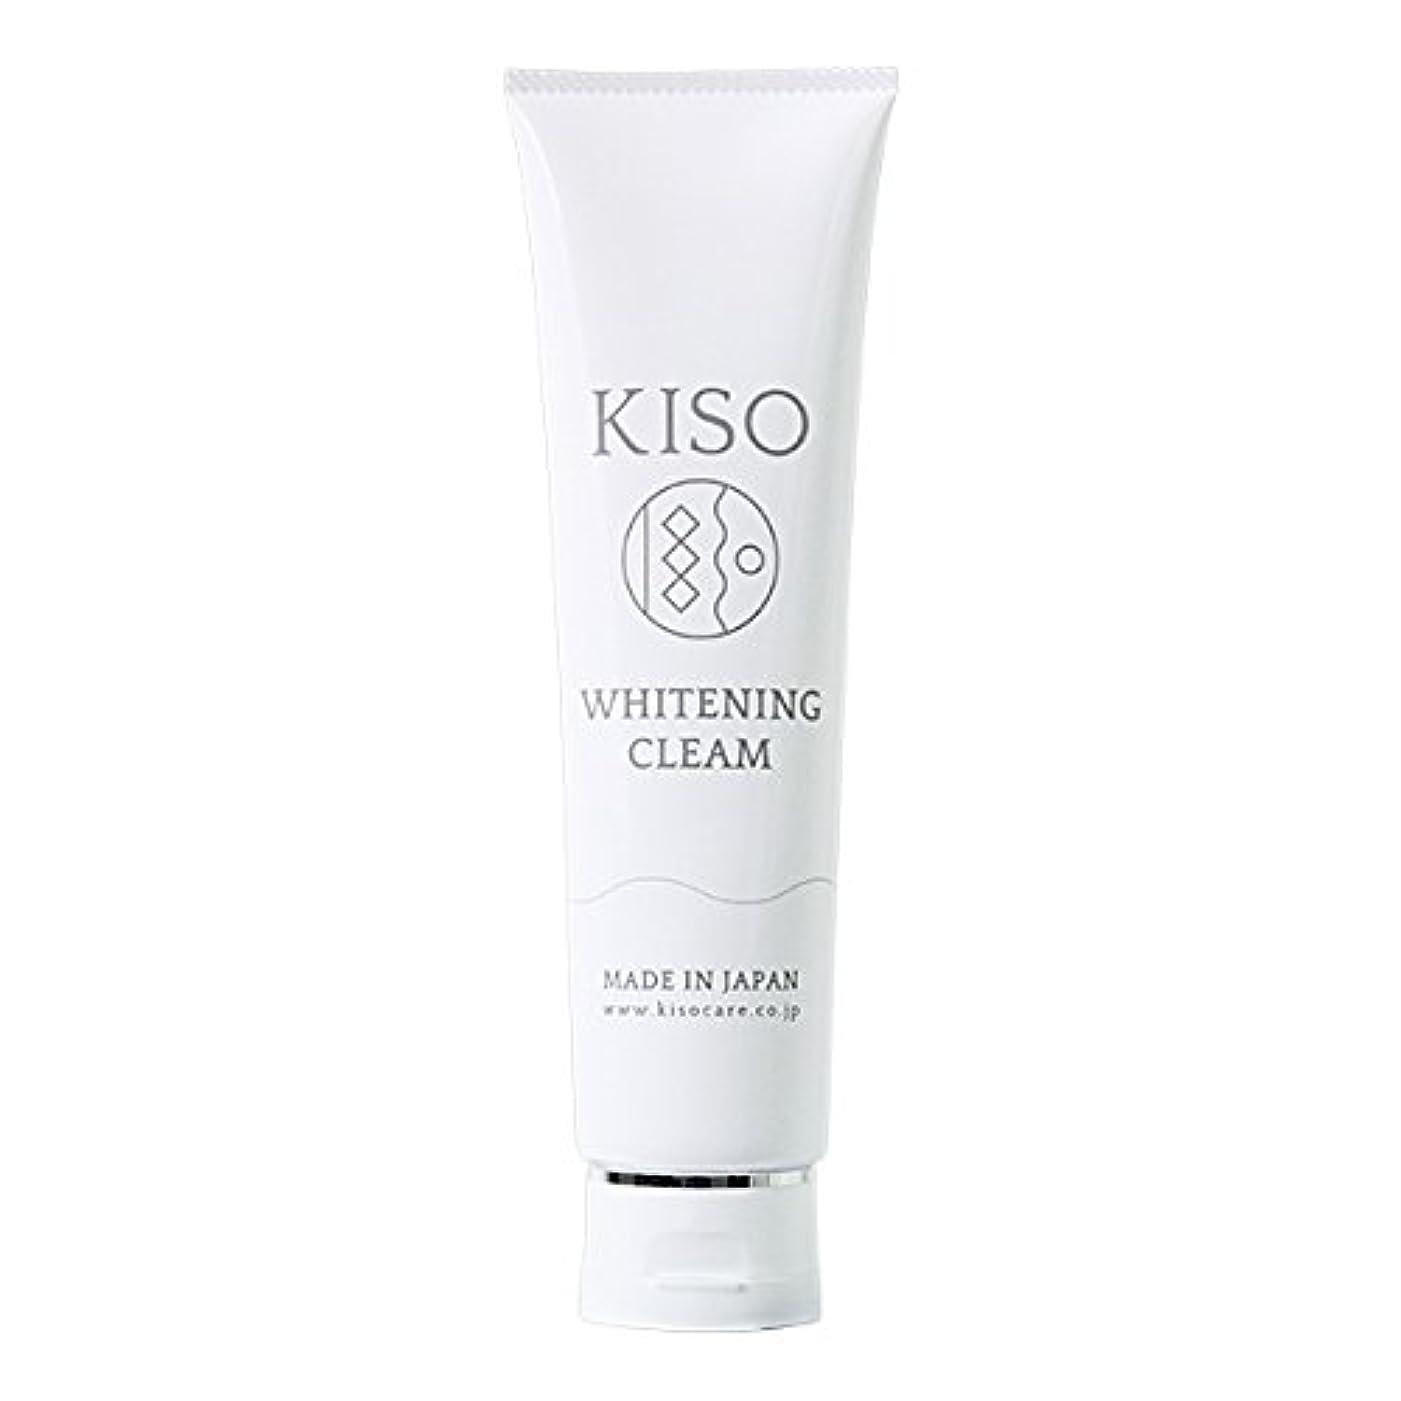 疑い者ゴム確率【KISO 薬用 ホワイトニング クリーム 150g】 【医薬部外品】トラネキサム酸2%配合クリーム。